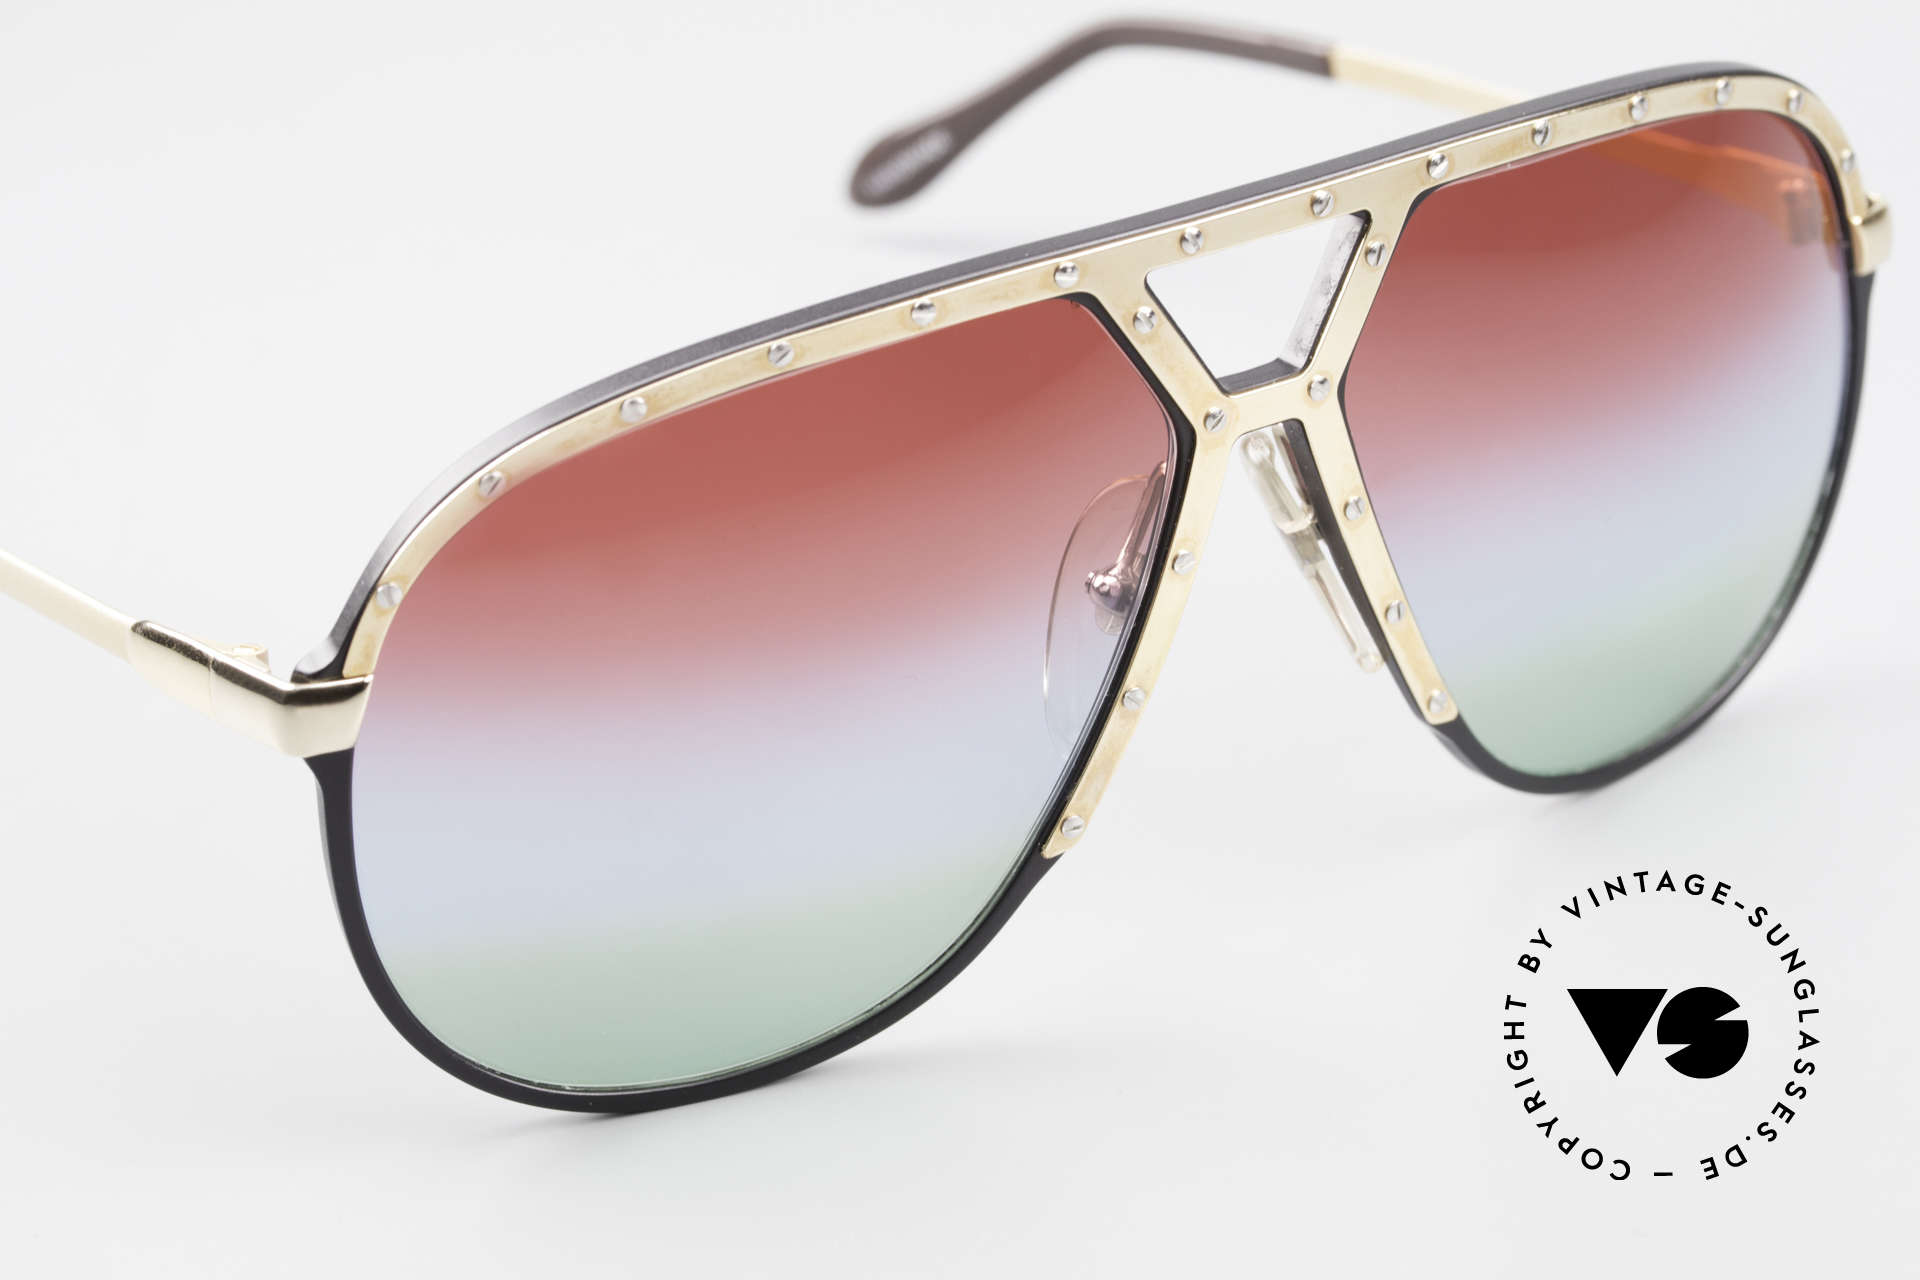 Alpina M1 80er Sonnenbrille Individuell, ungetragenes Sammlerstück (inkl. PORSCHE Etui), Passend für Herren